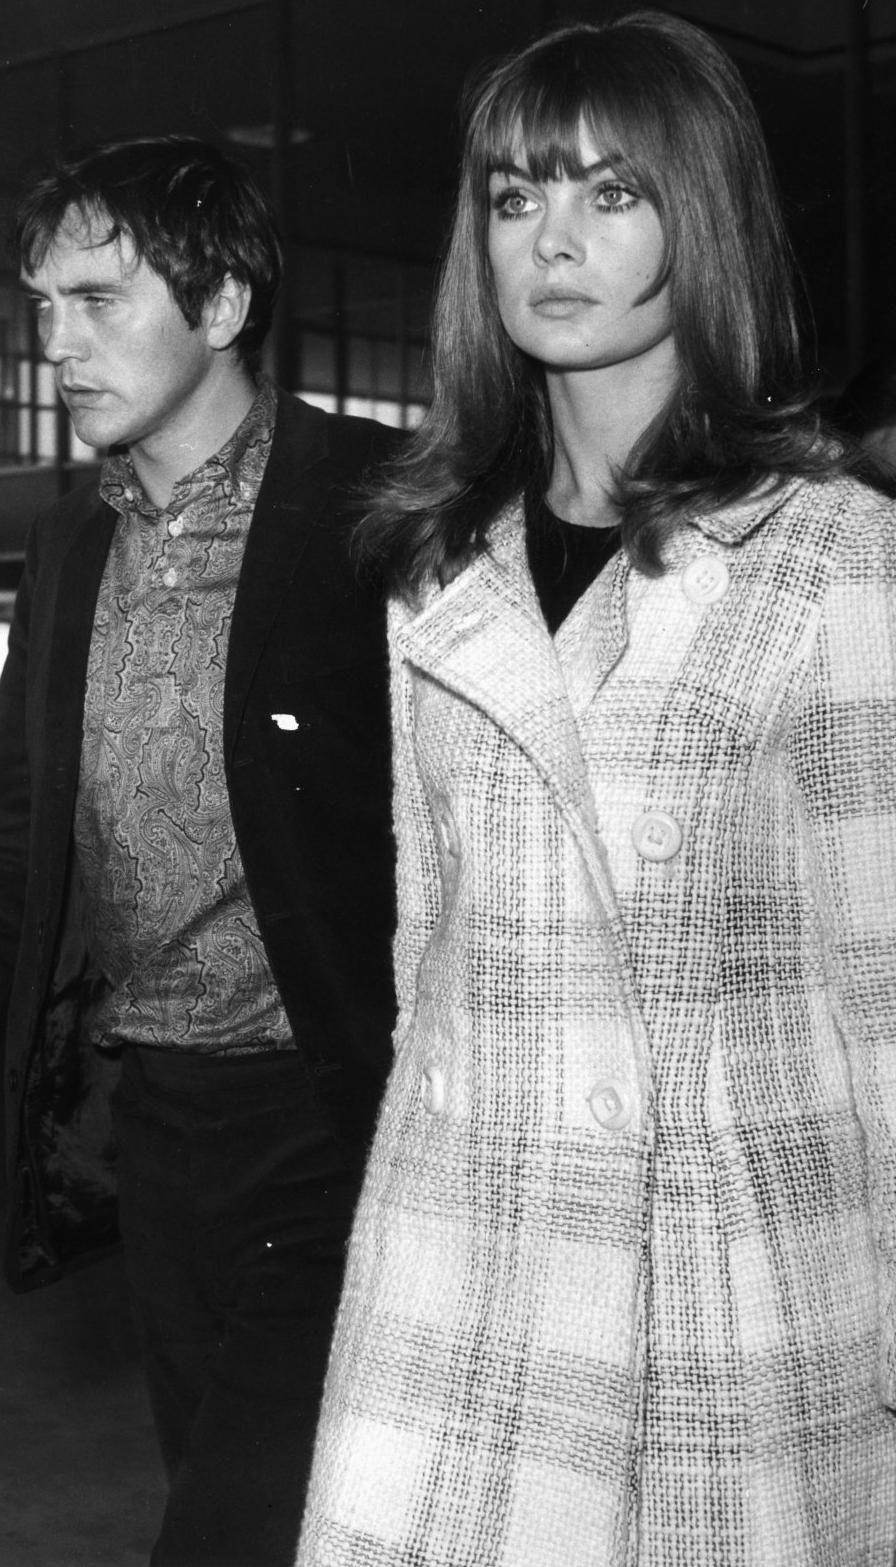 Jean Shrimpton Terence Stamp 1960s